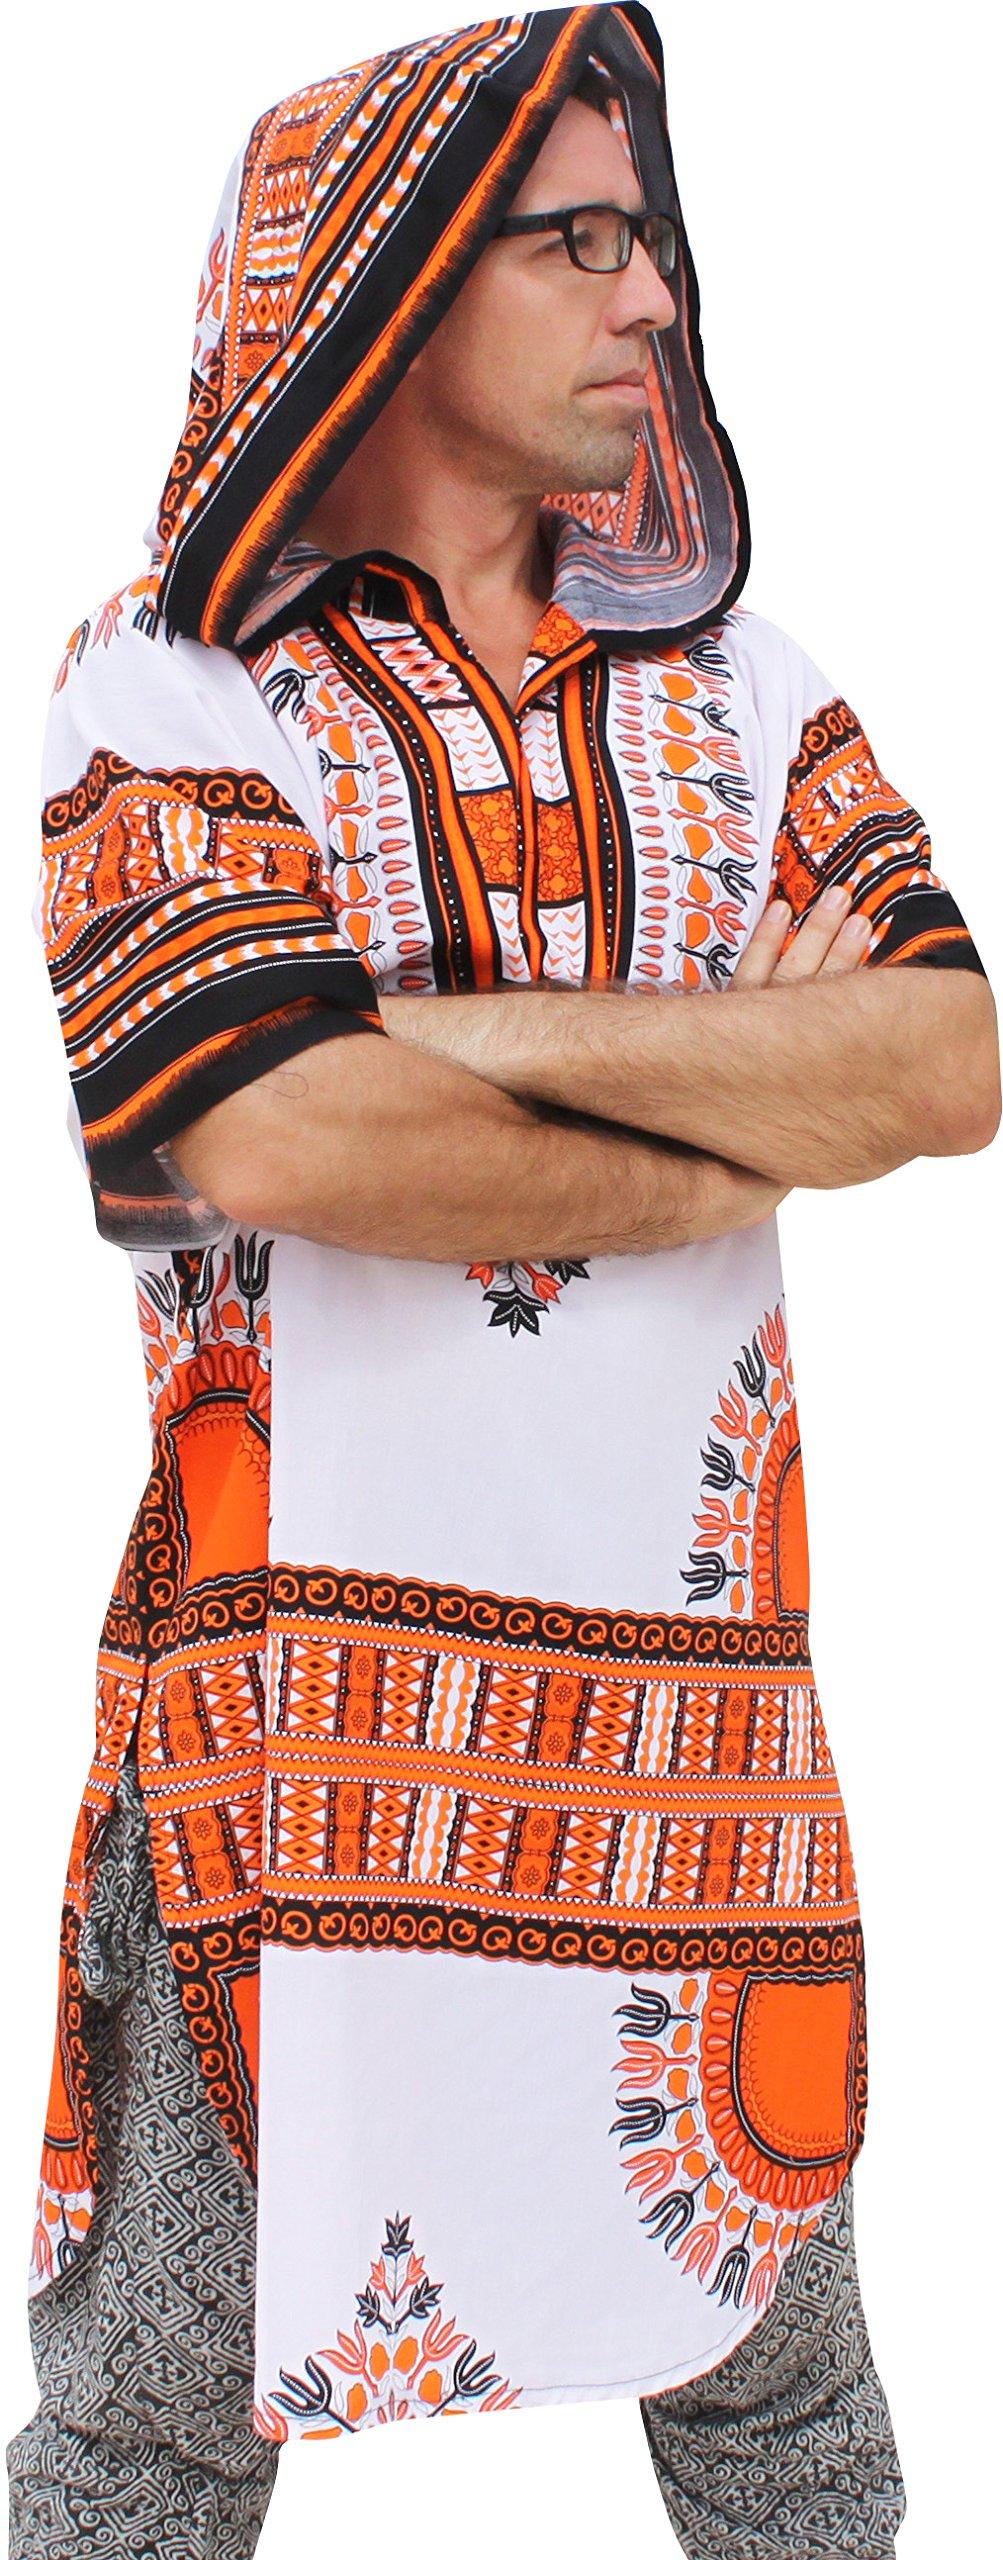 RaanPahMuang African Dashiki Long Urban Warlock Jacket Hood Hoody Fashion, Medium, Orange on White